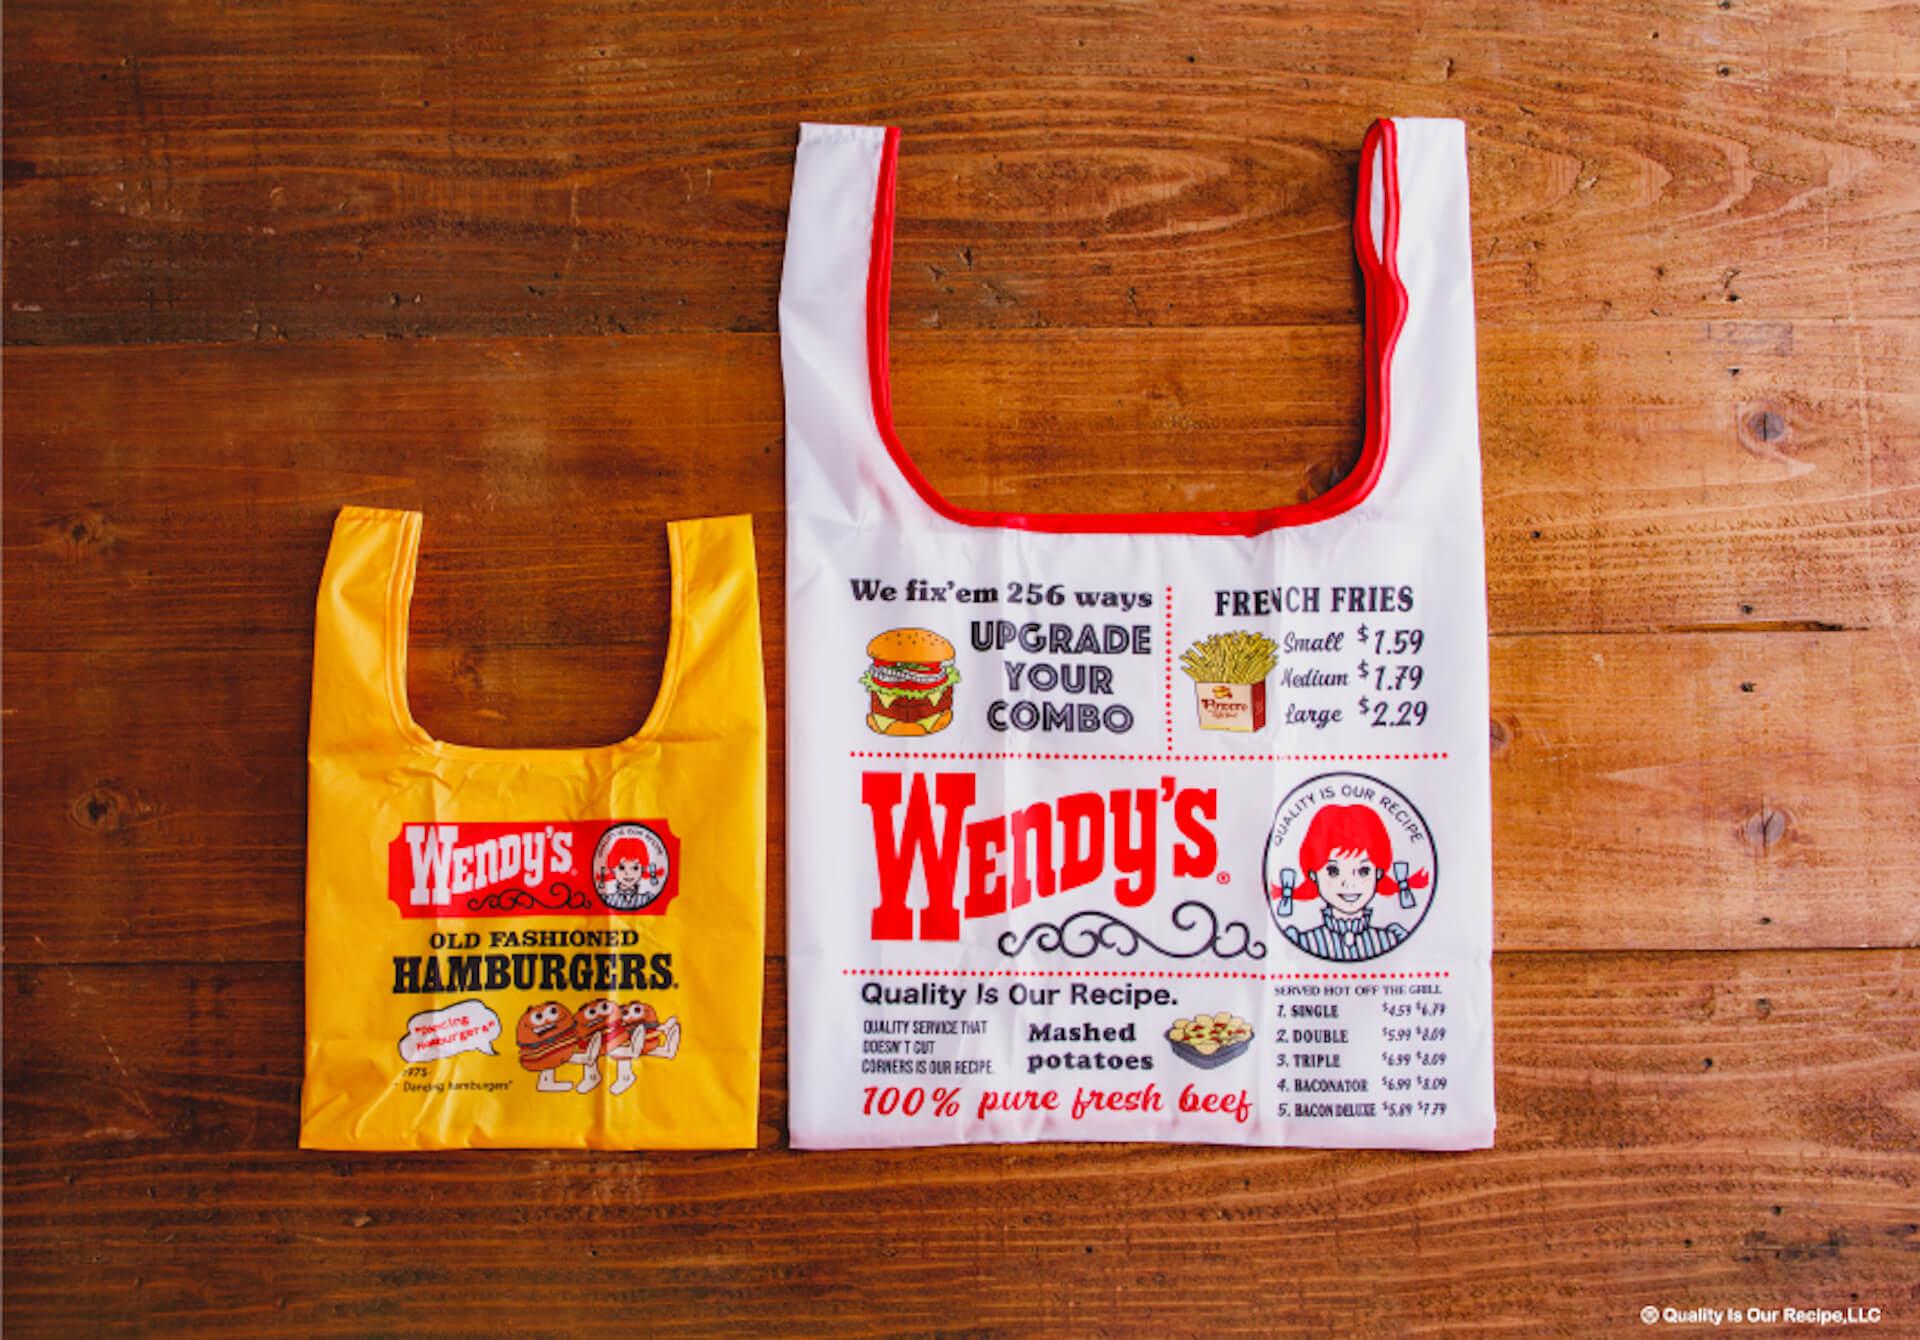 『212 KITCHEN STORE』から『Wendy's』とのコラボアイテムが登場!ロゴやマークをあしらったランチグッズなども販売 life2020925-wendys6